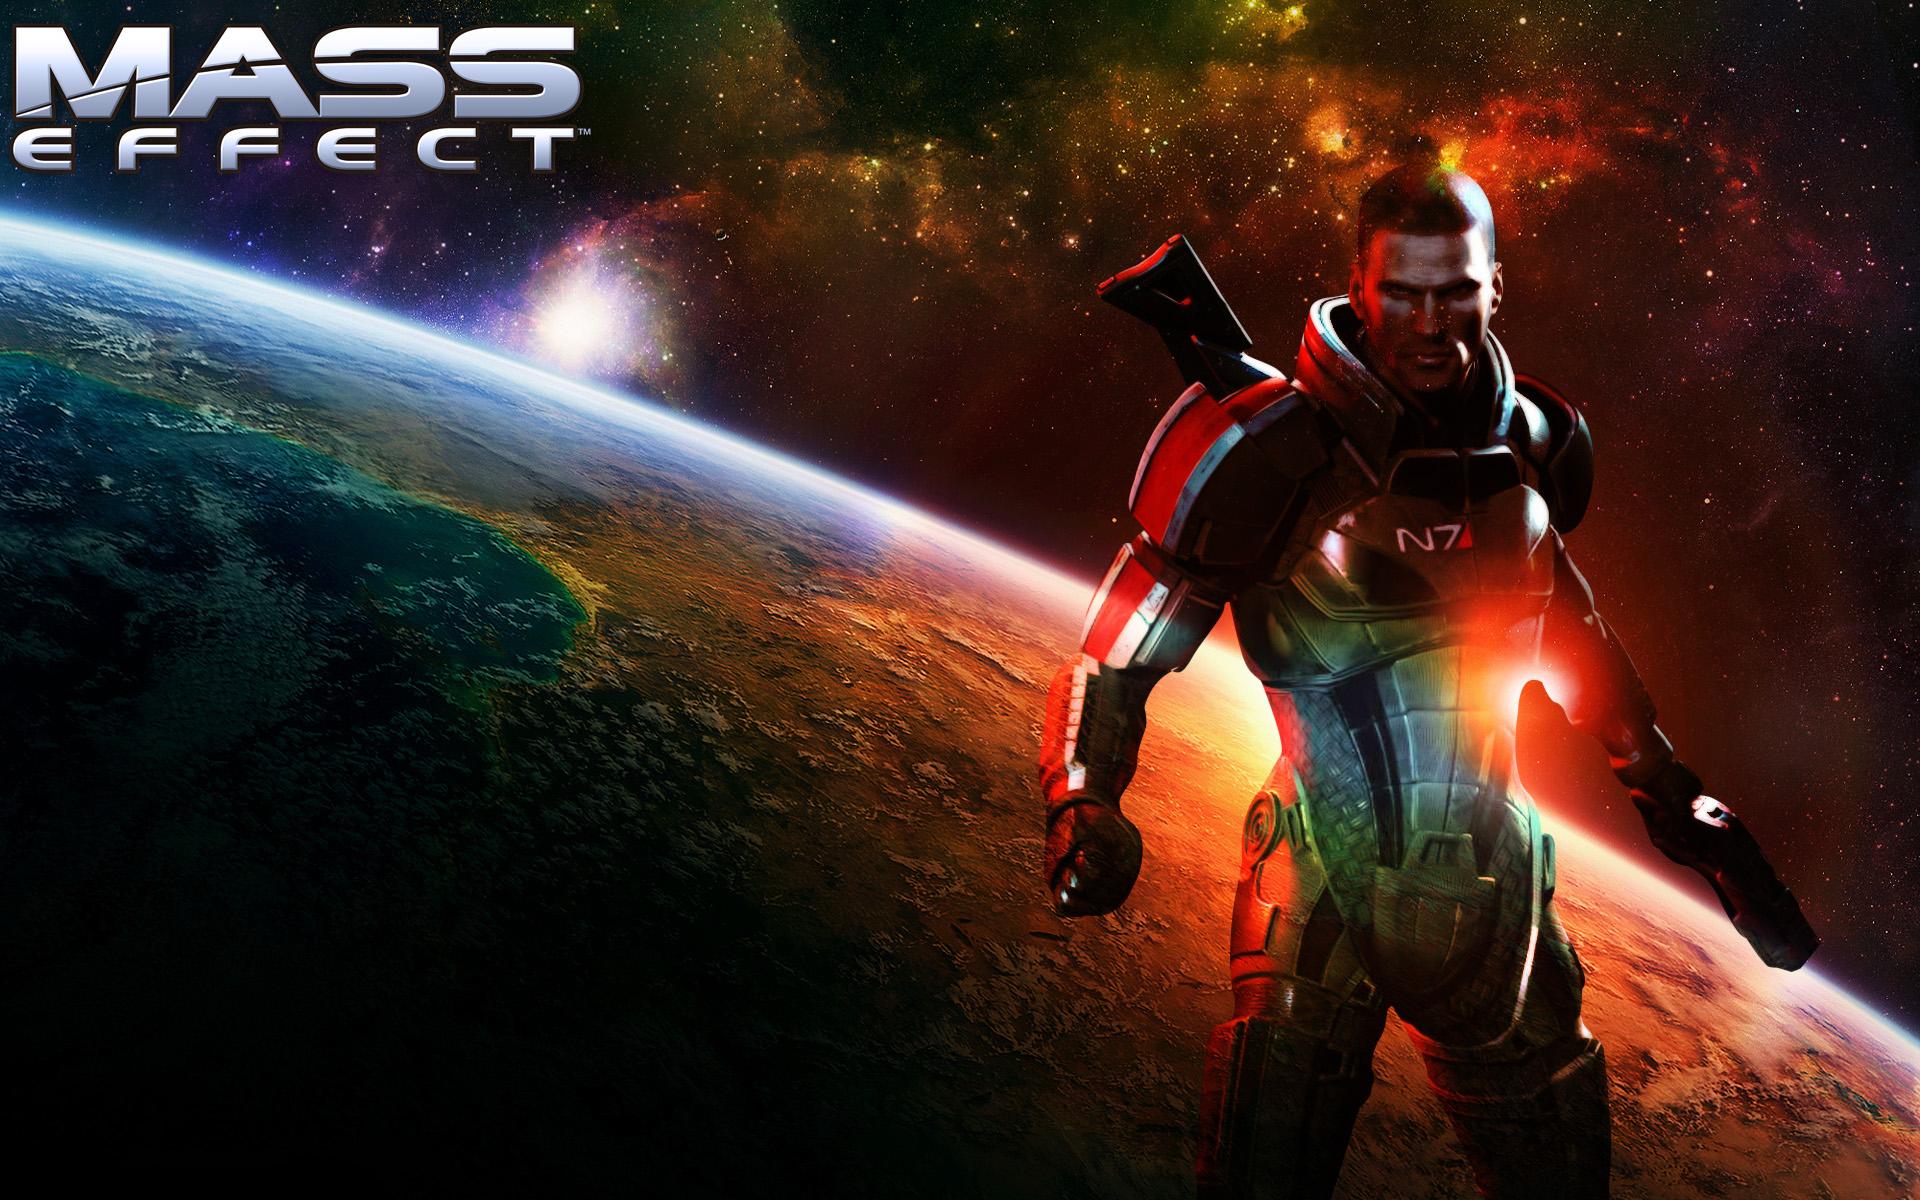 Mass Effect 2 wallpaper 910038 1920x1200